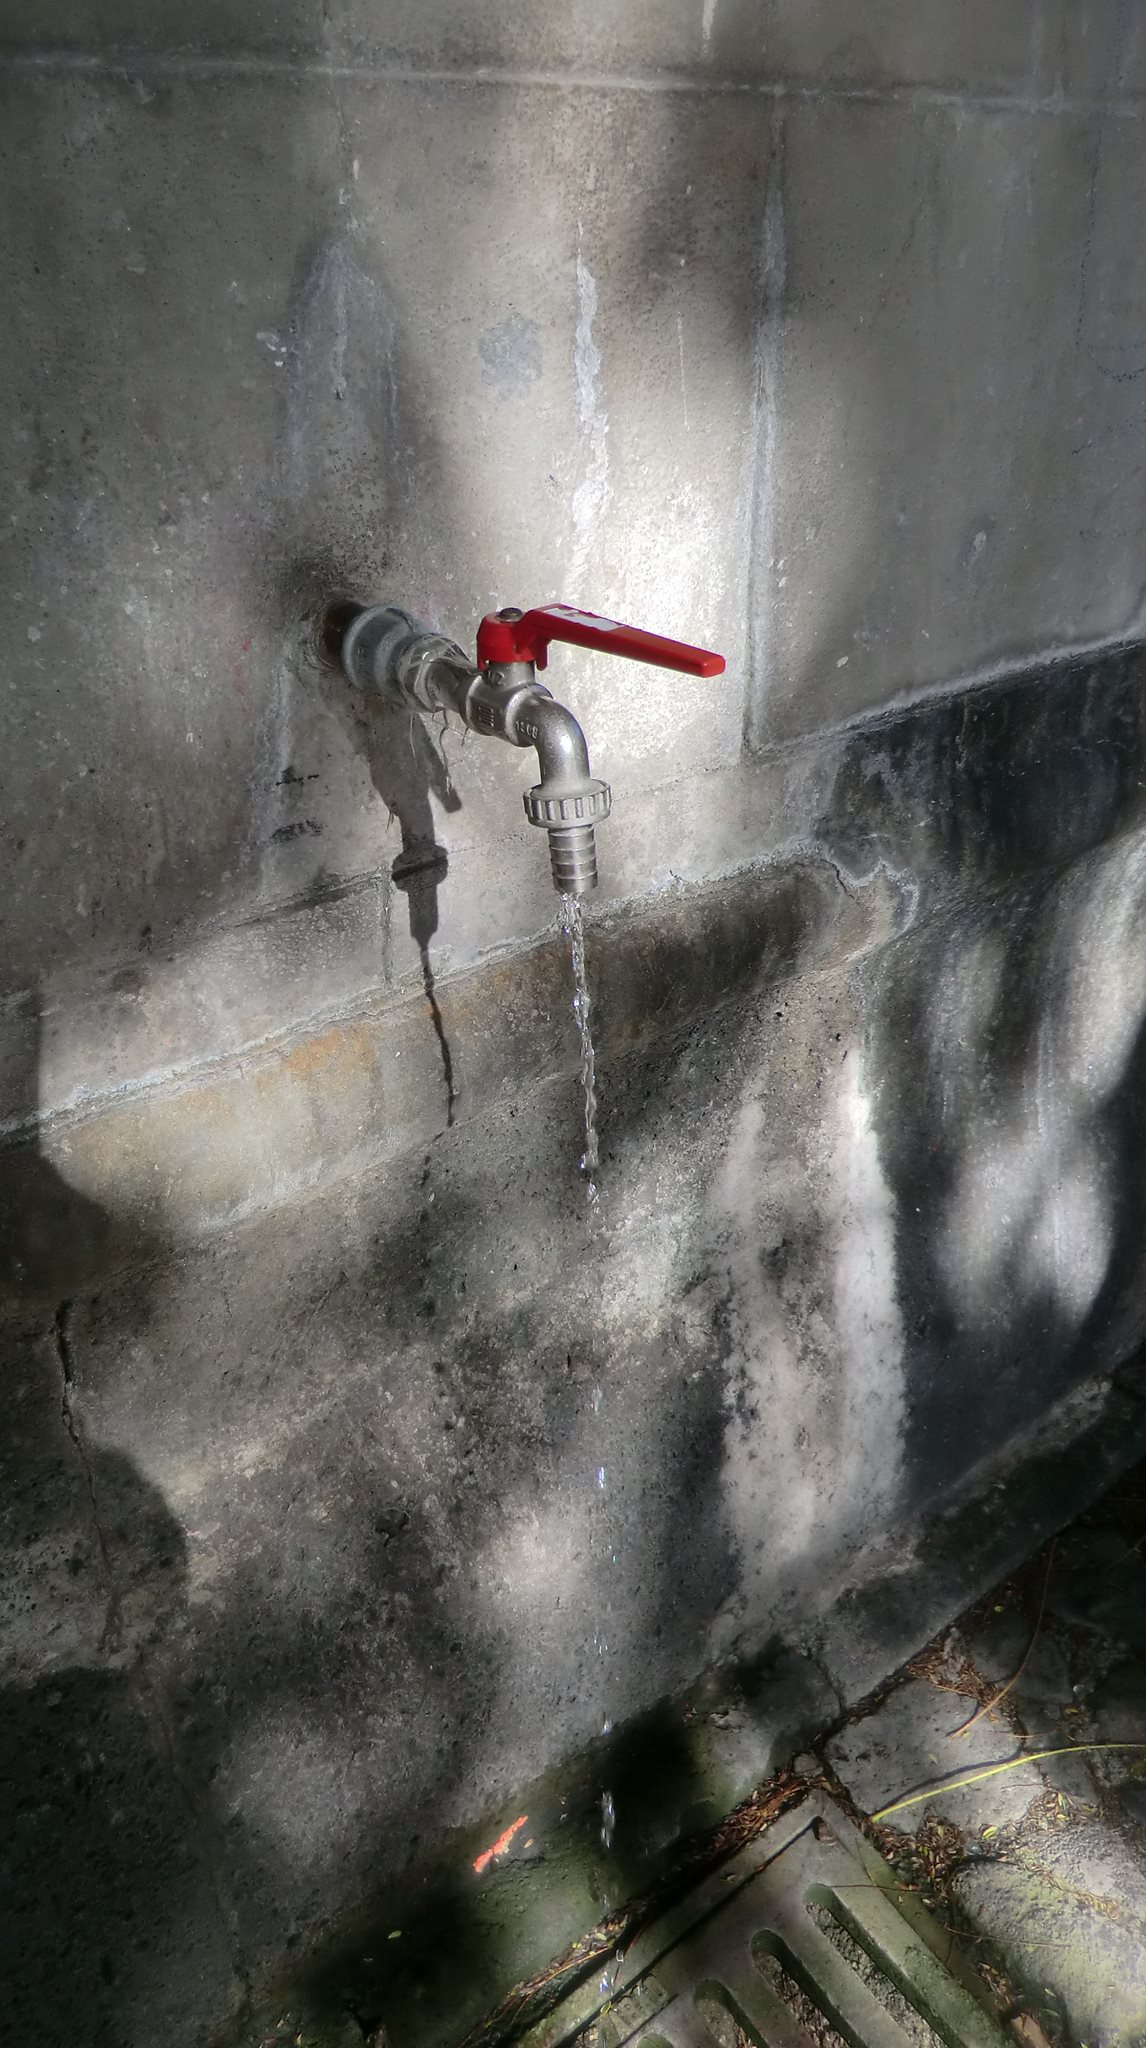 El ayuntamiento restringe de forma temporal el consumo de agua del grifo y recomienda usar la - Agua del grifo o embotellada ...